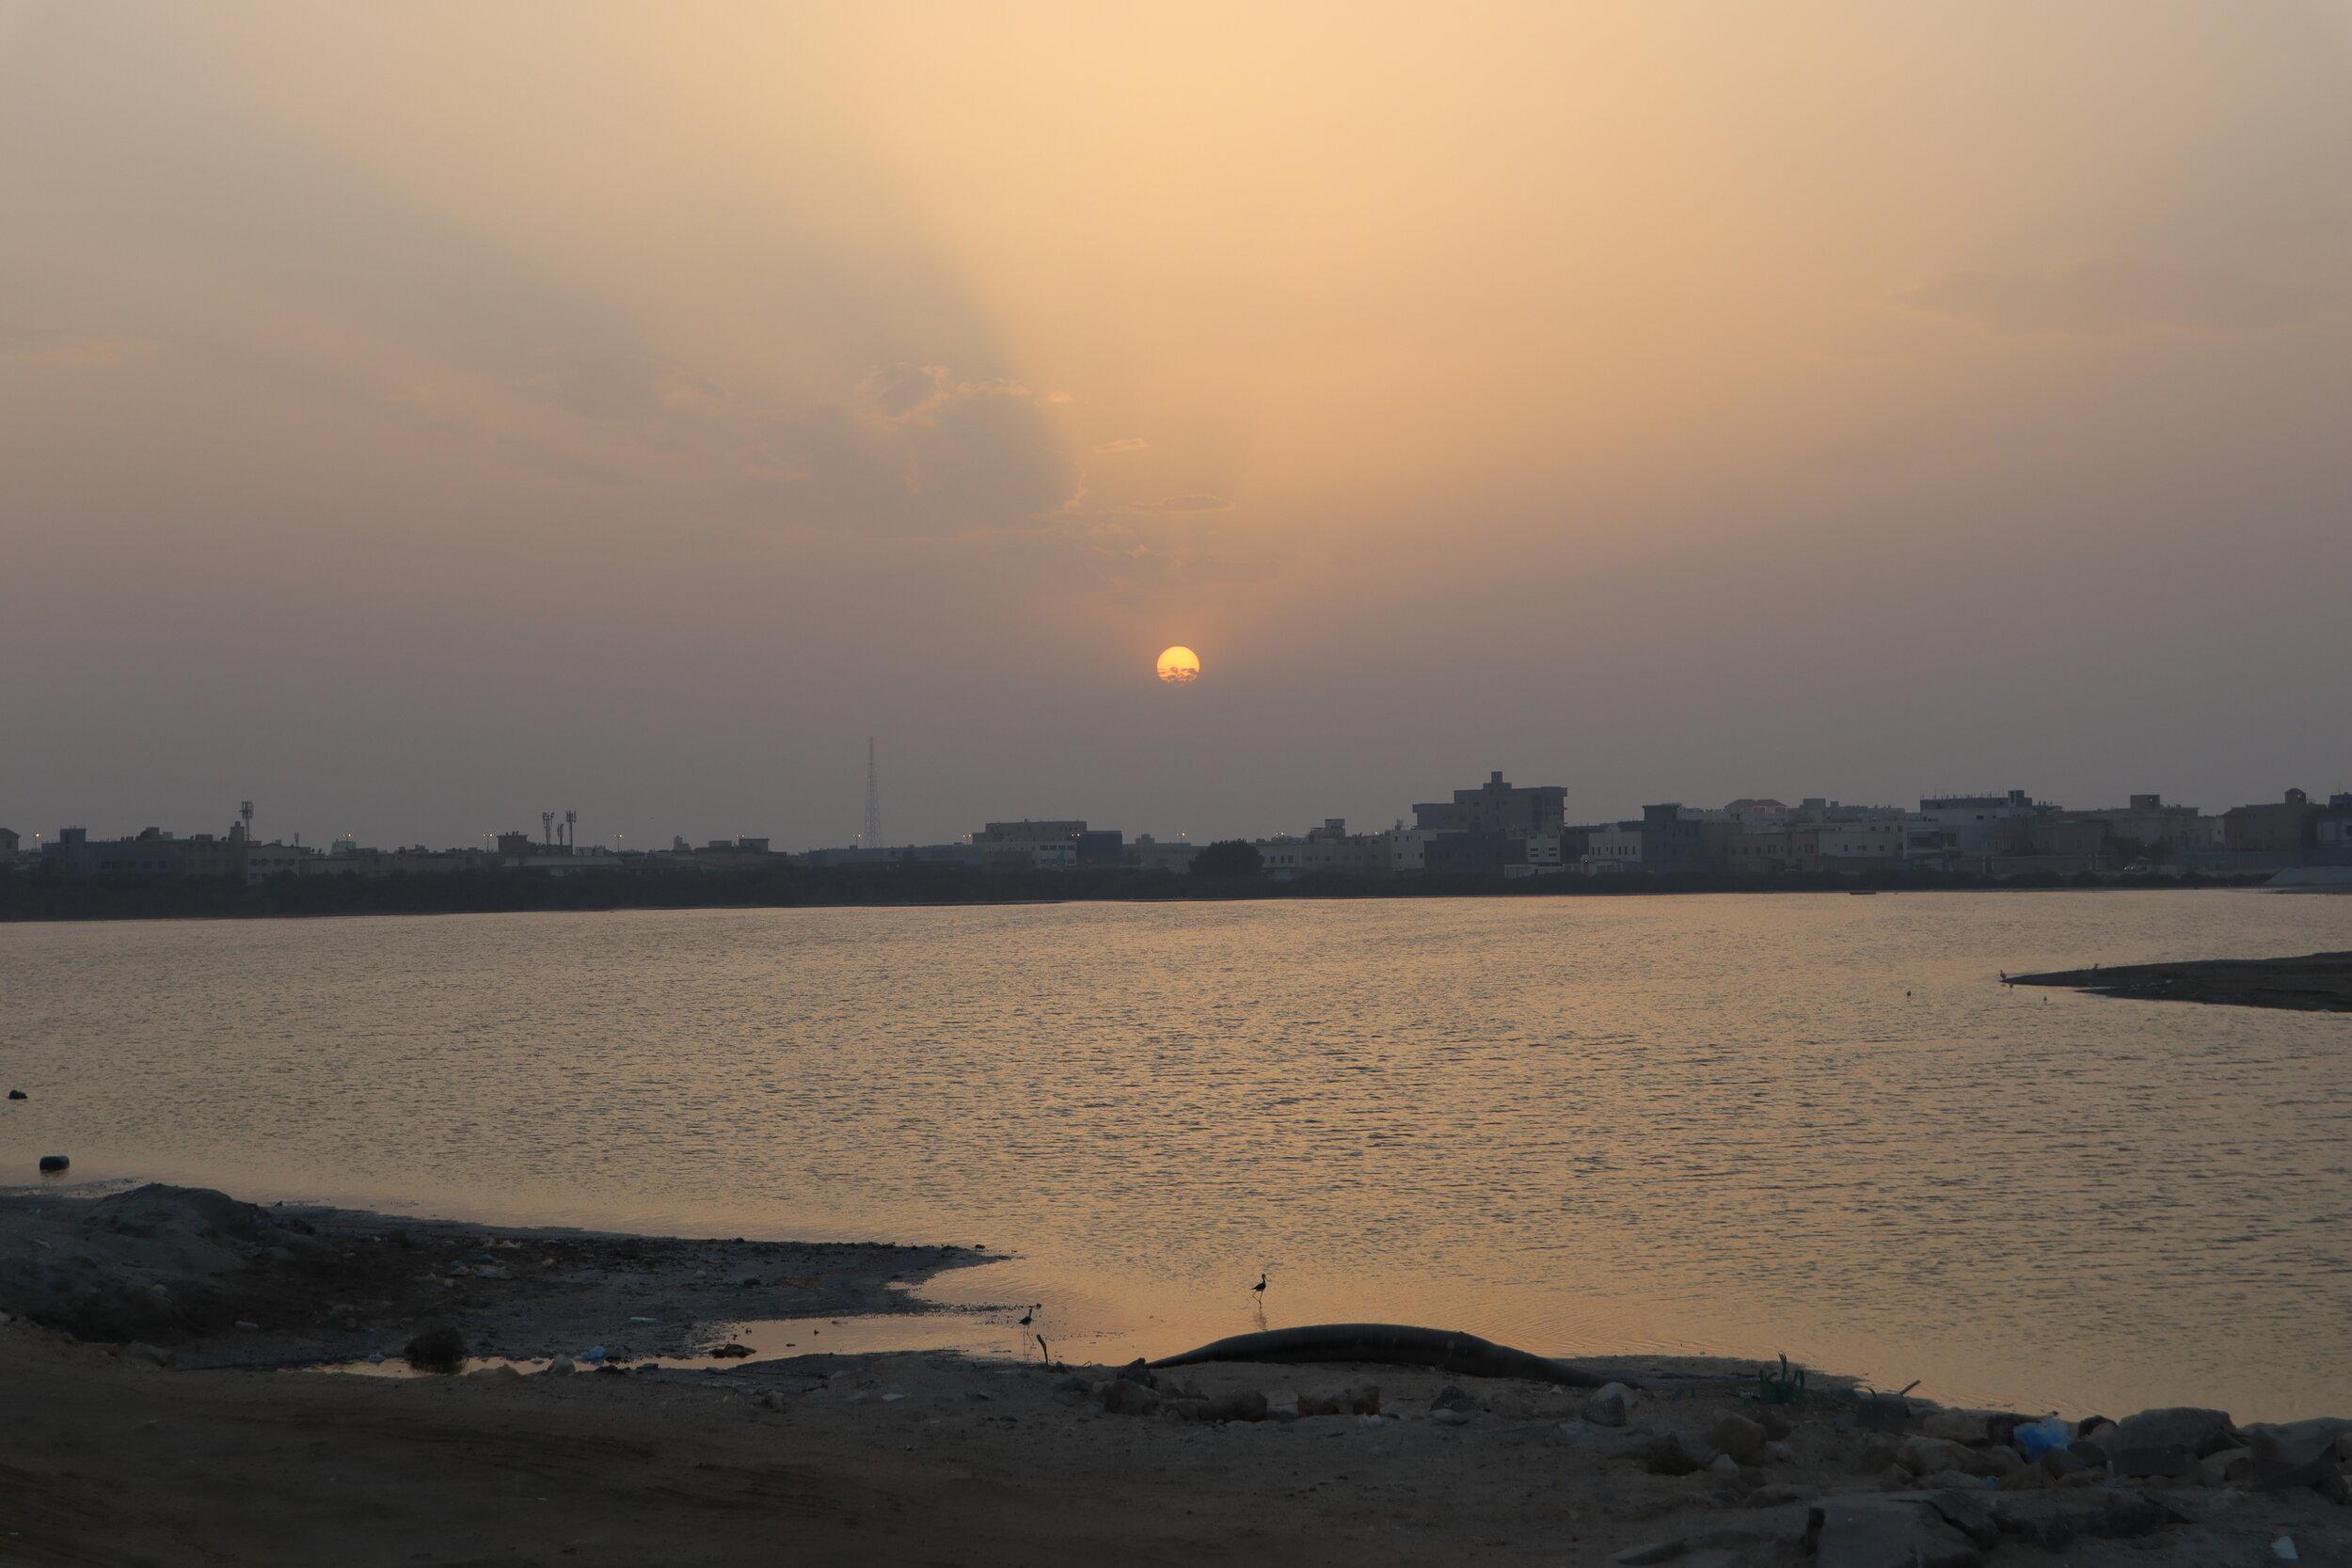 The Sea in Saudi